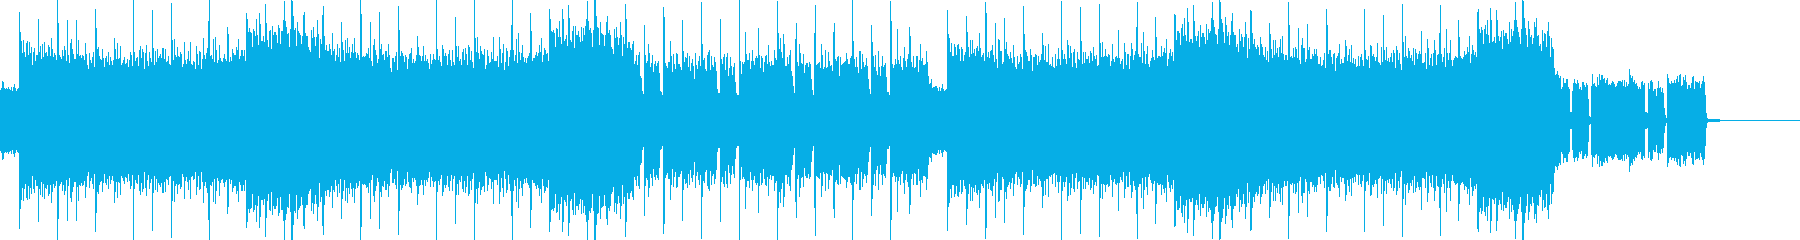 オーケストラ_クワイア_疾走感_ギターの再生済みの波形